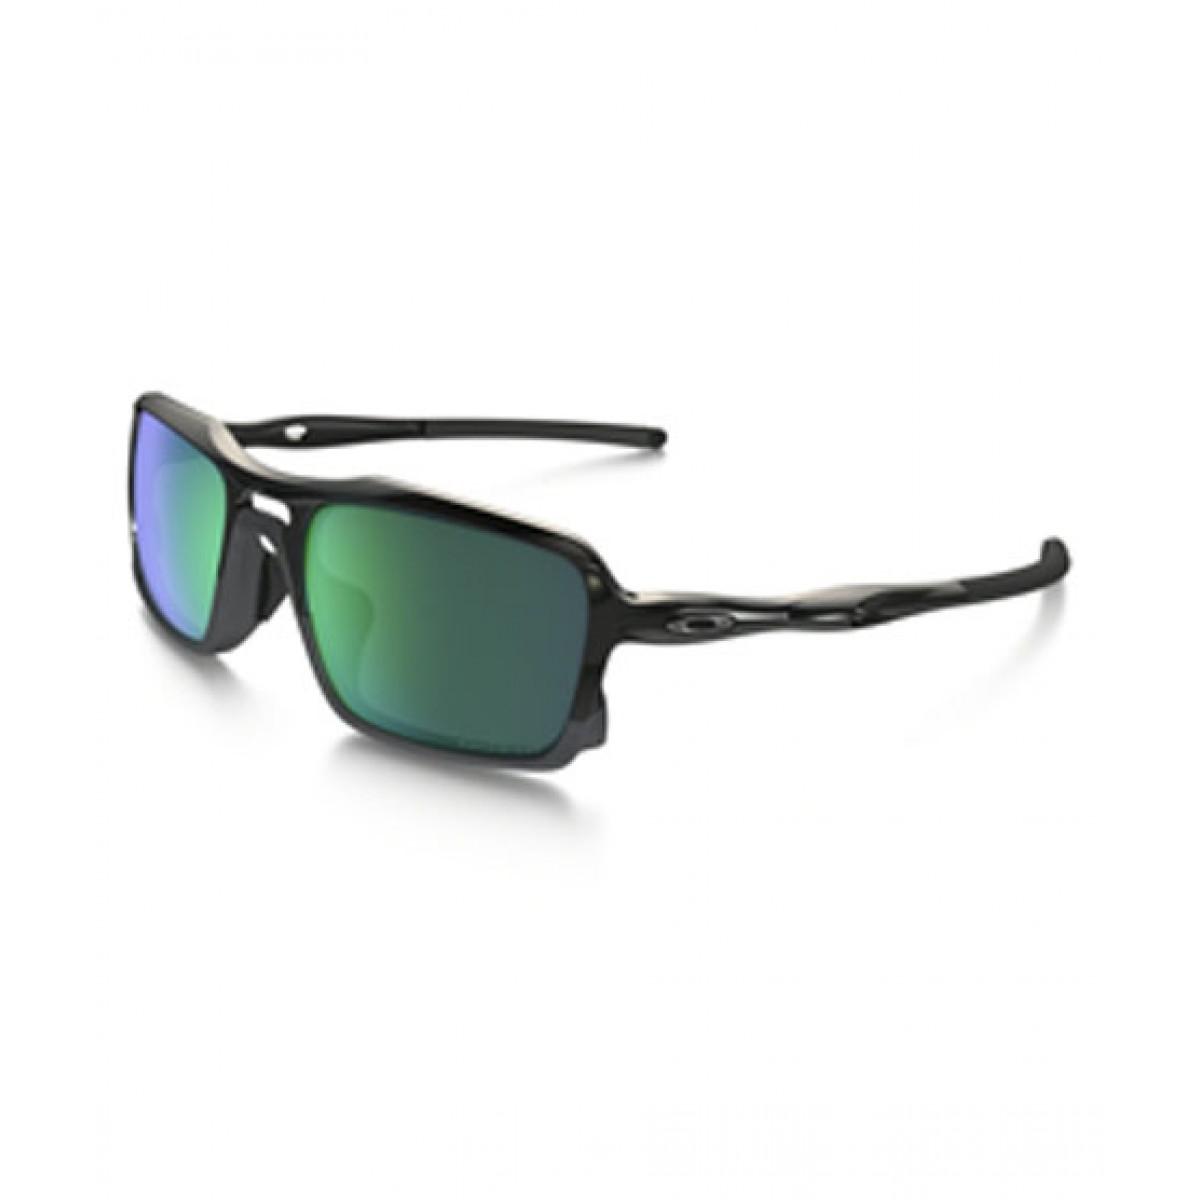 caea950659e Oakley Polarized Men s Sunglasses Price in Pakistan